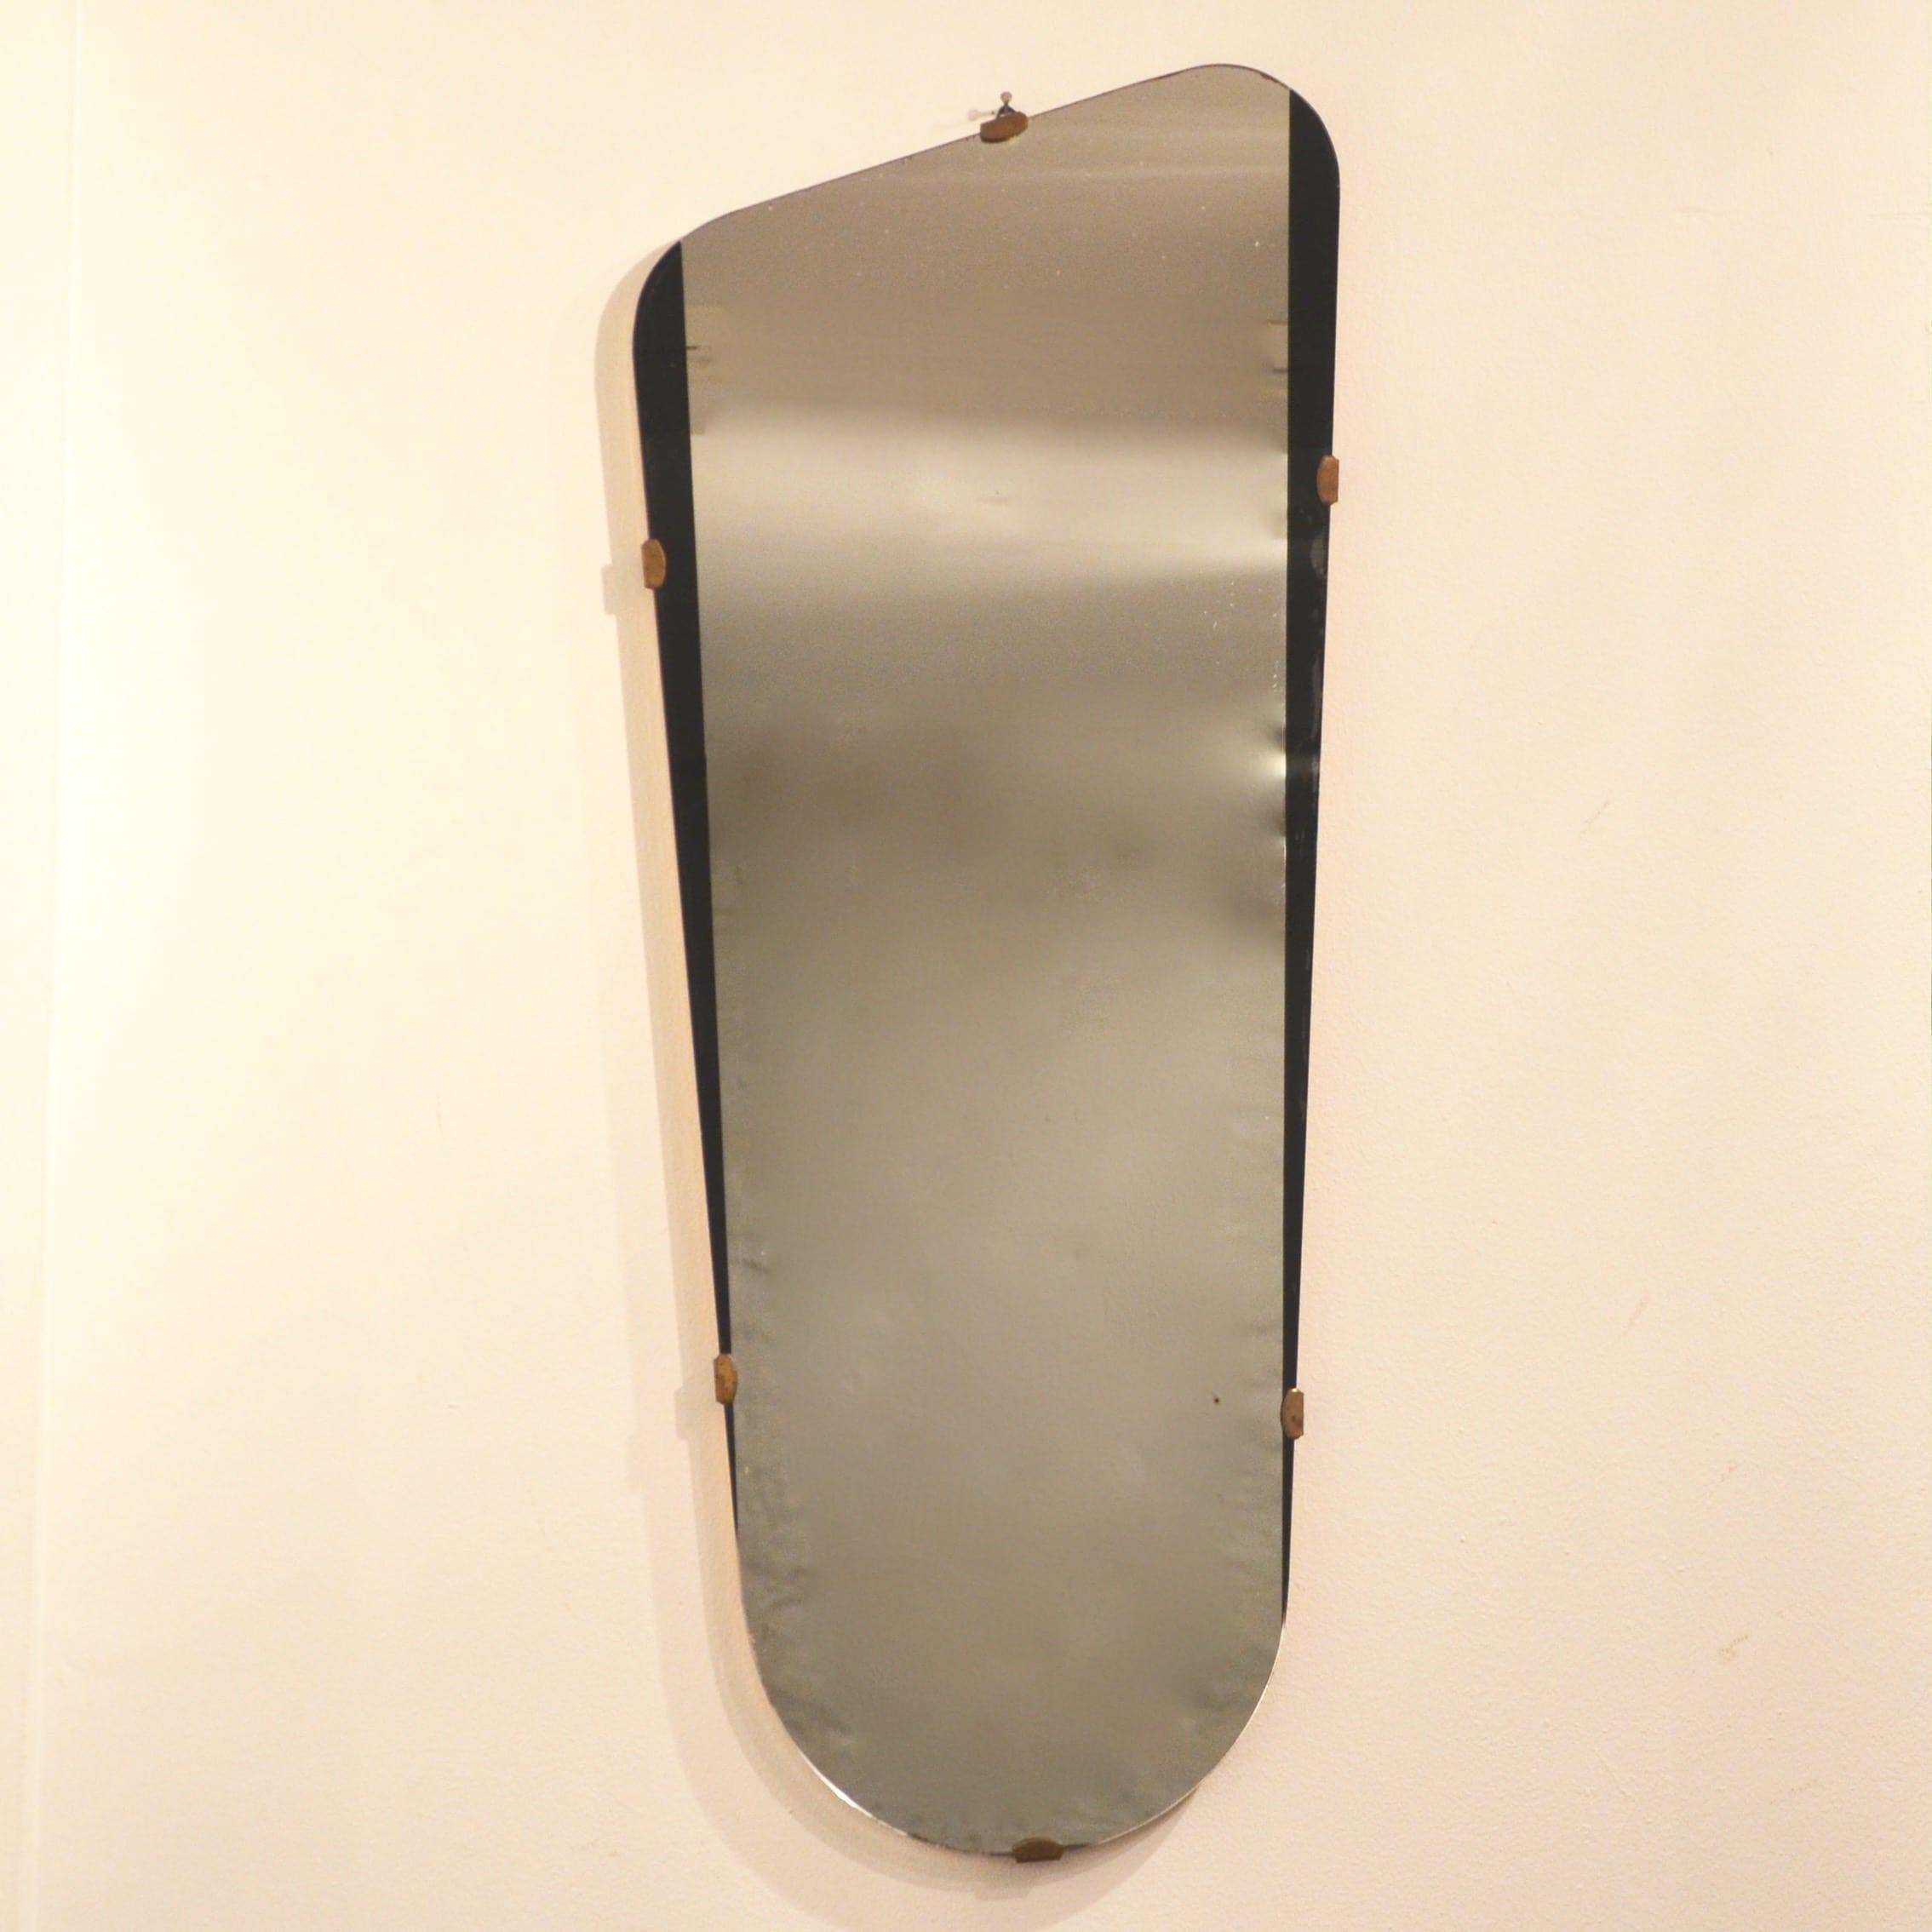 Miroir ann es 60 graphique bindiesbindies for Miroir graphique